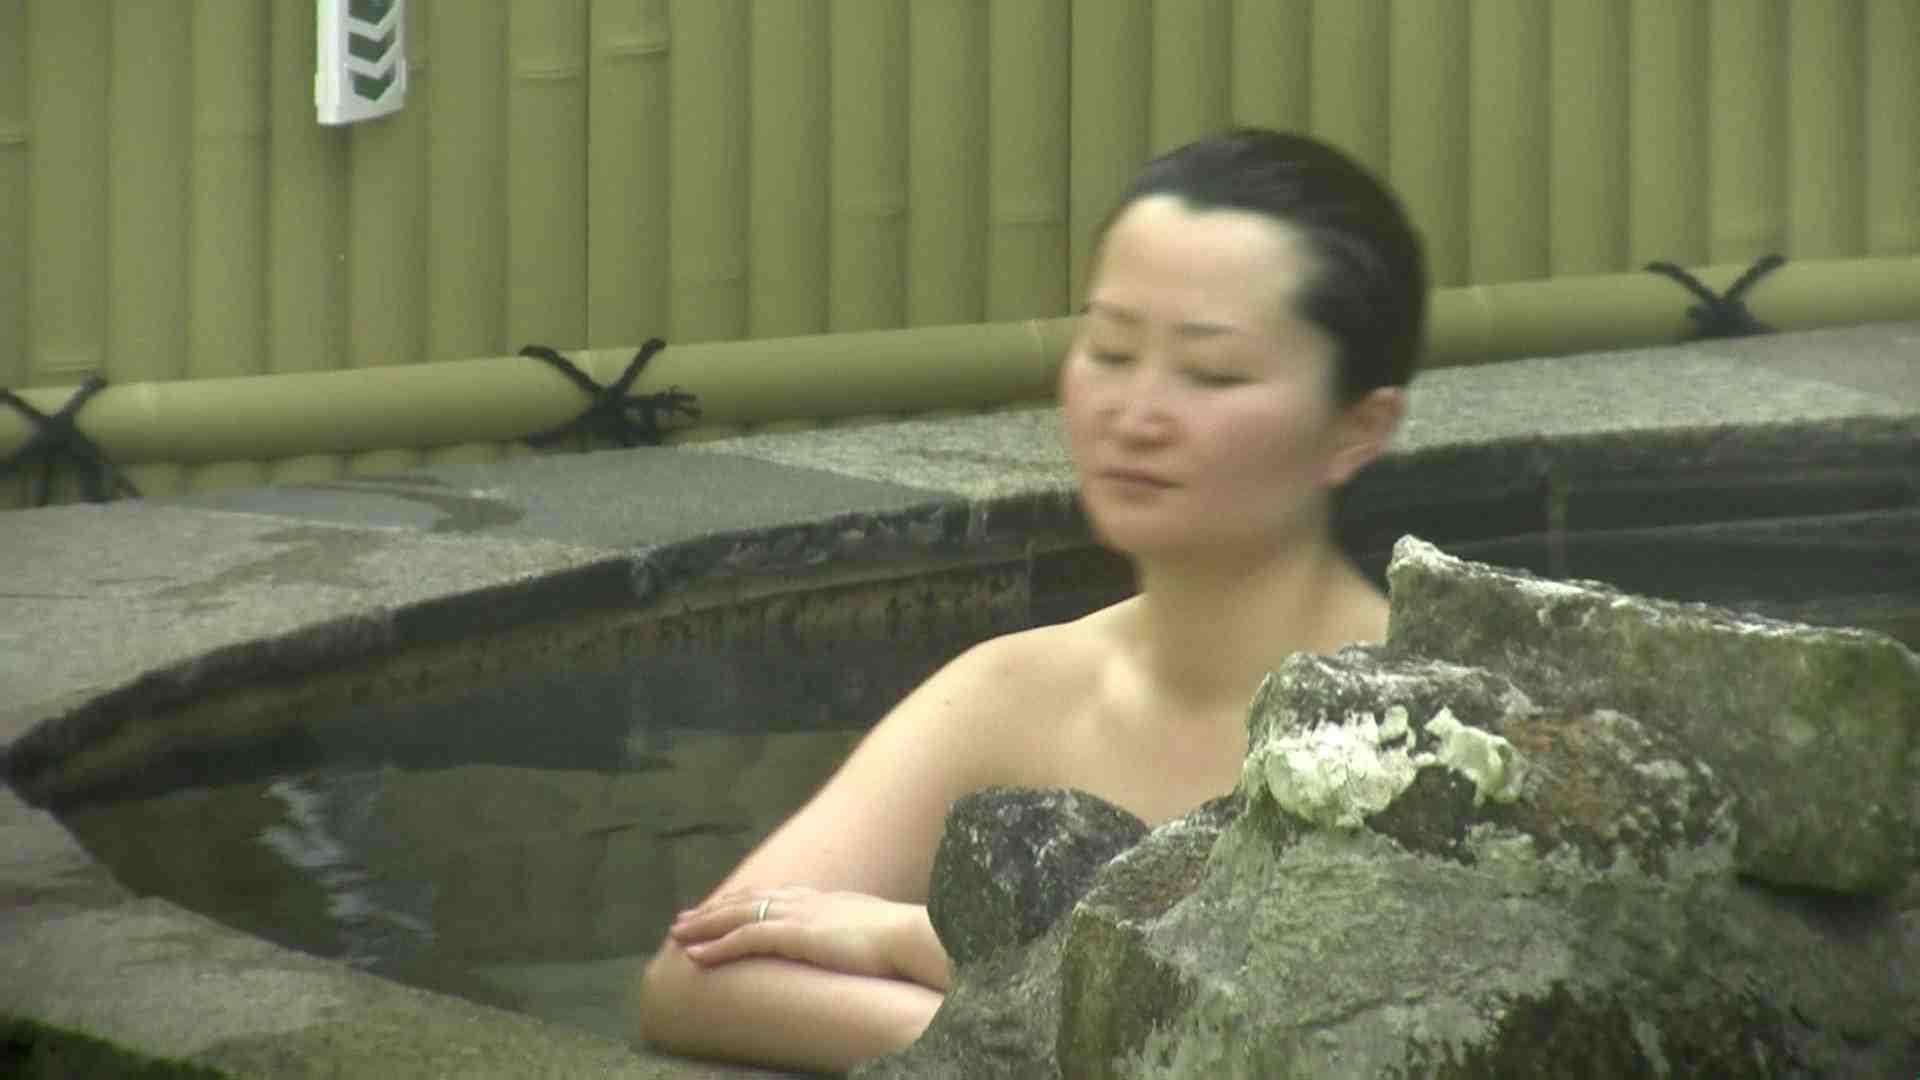 Aquaな露天風呂Vol.632 盗撮シリーズ  100PIX 22